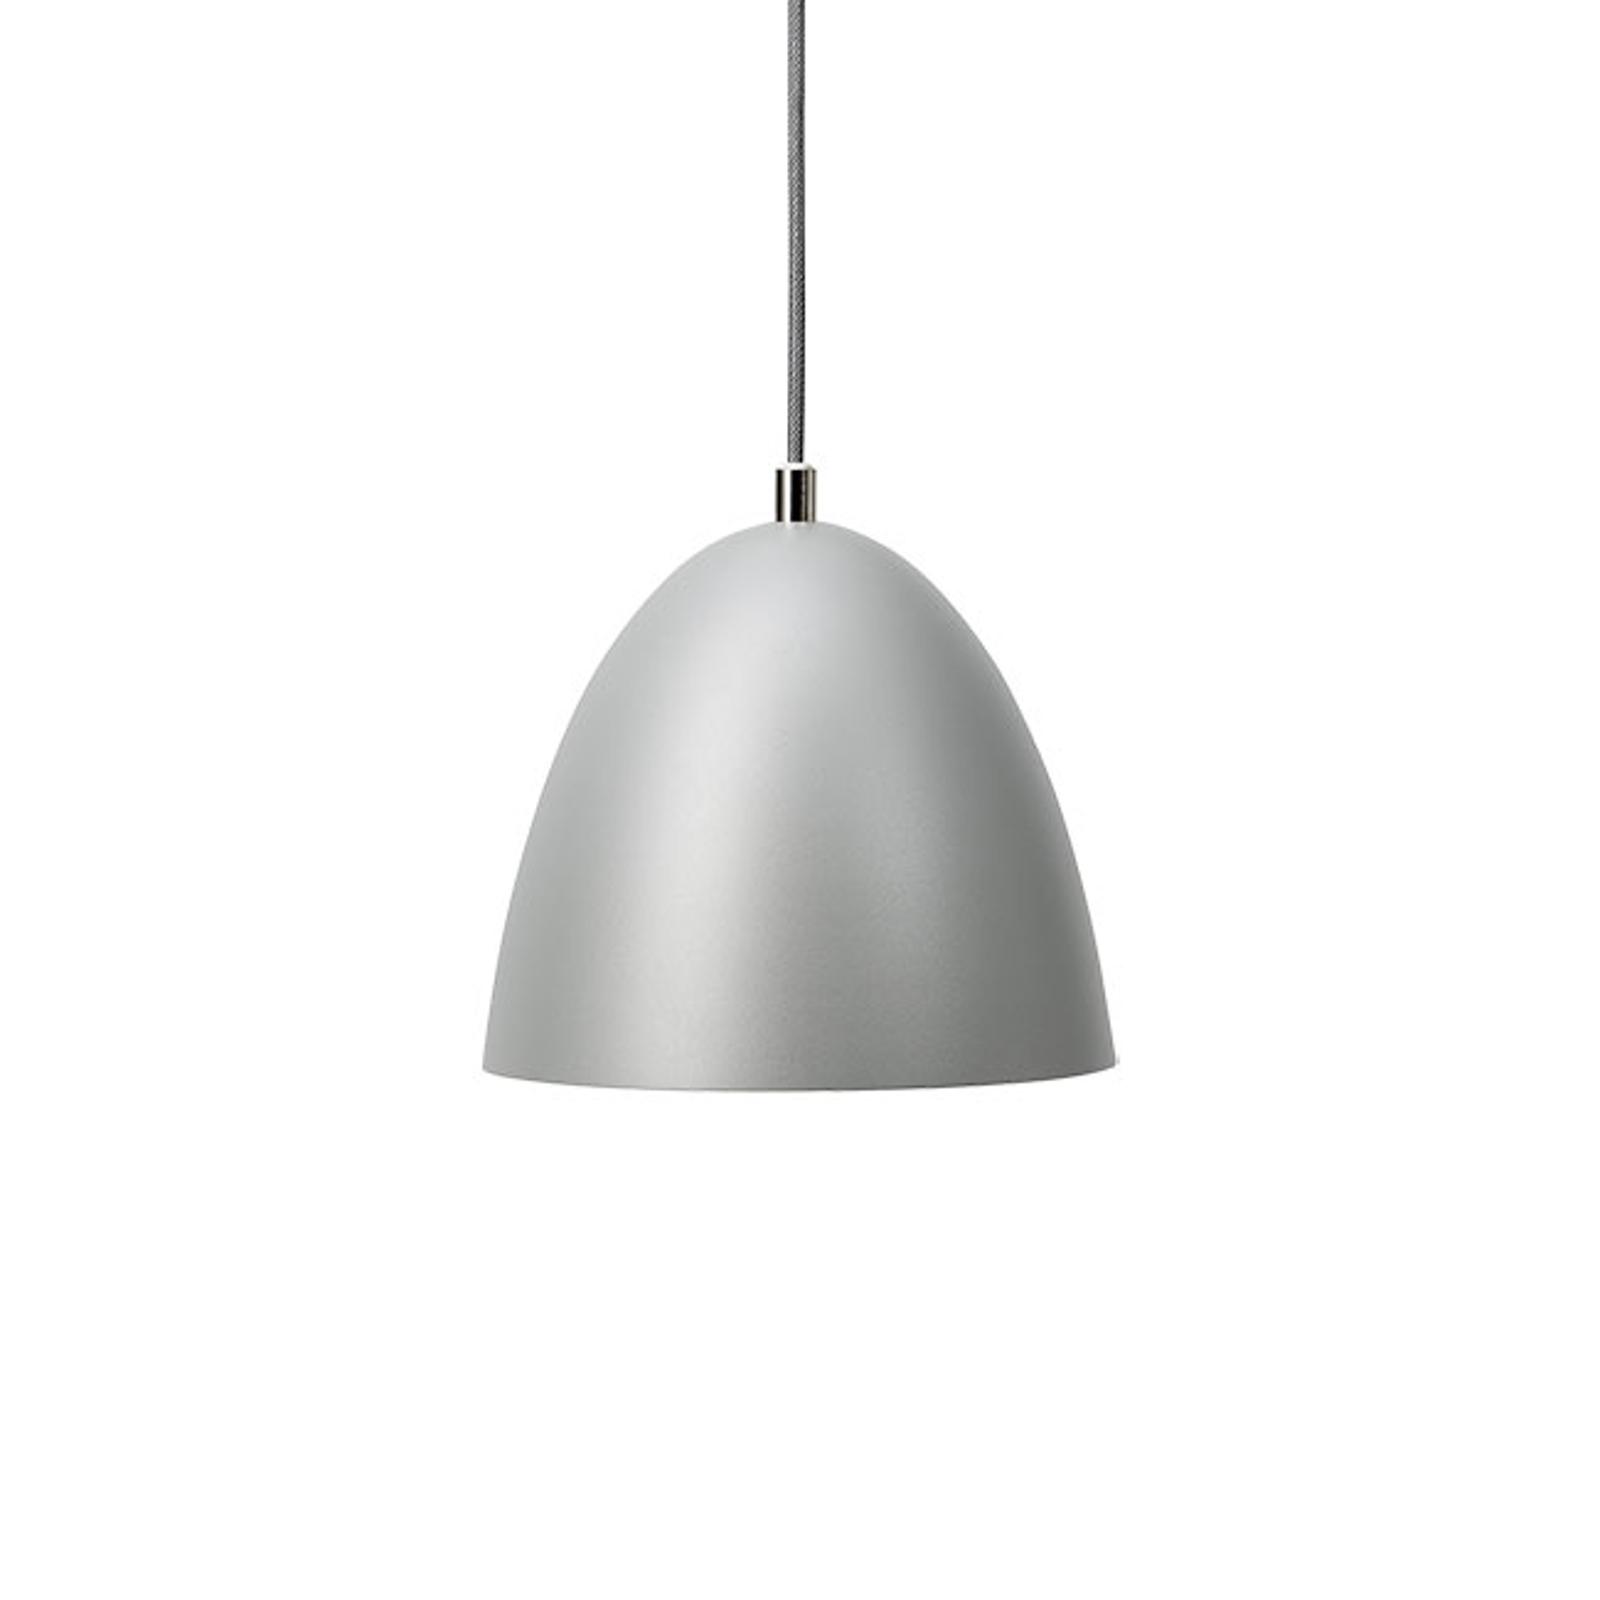 LED-riippuvalaisin Eas, Ø 24 cm, 3 000 K, harmaa